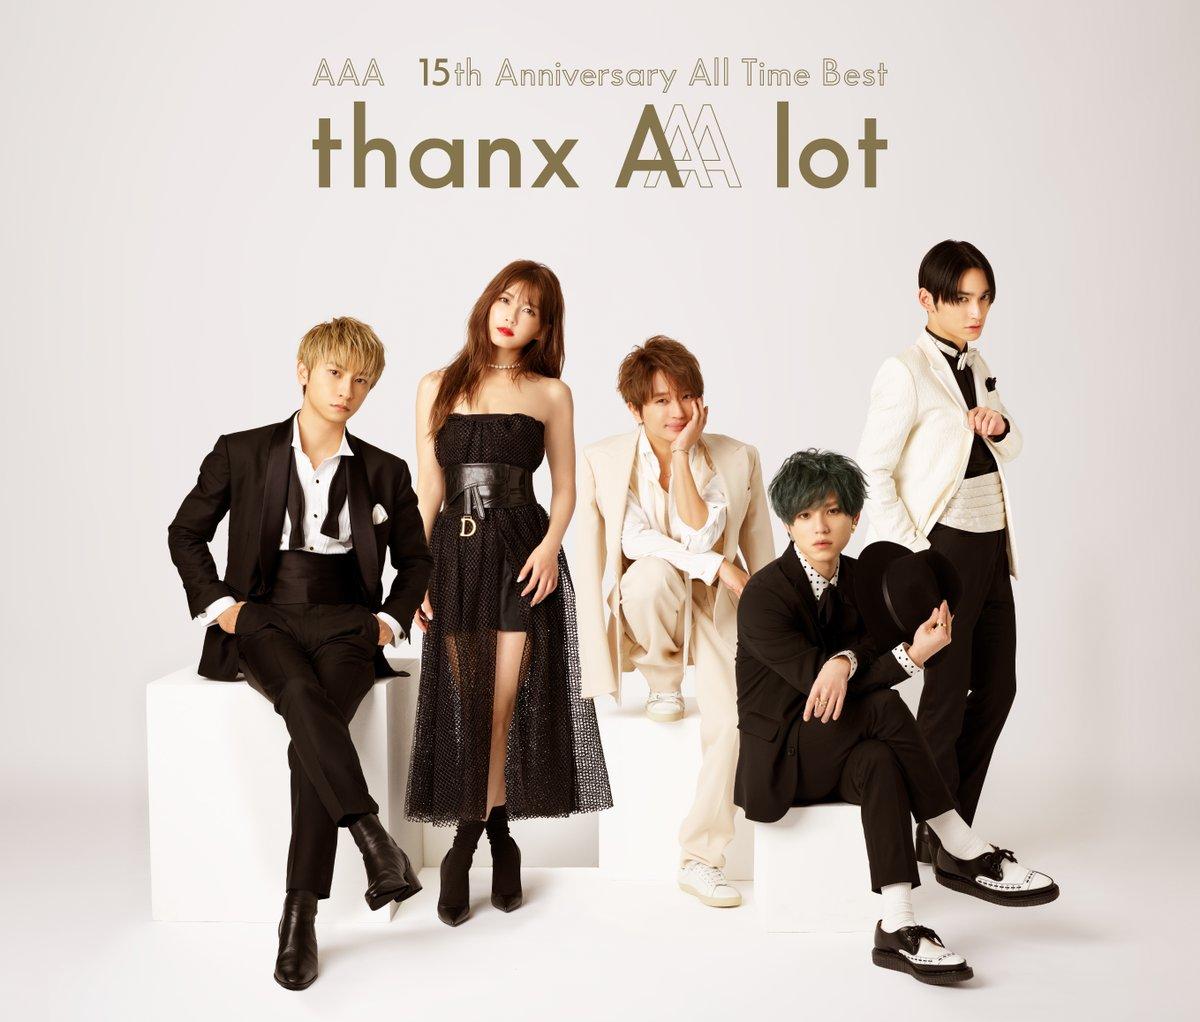 いよいよ明日2/19(水)【AAA 15th Anniversary -thanx AAA lot-】ベストアルバム&ミュージック・クリップベストがリリースとなります!!商品詳細や「AAA DOME TOUR 2020」最速先行抽選予約受付についてはこちらの特設サイトをご覧ください♪#AAA #thanxAAAlot